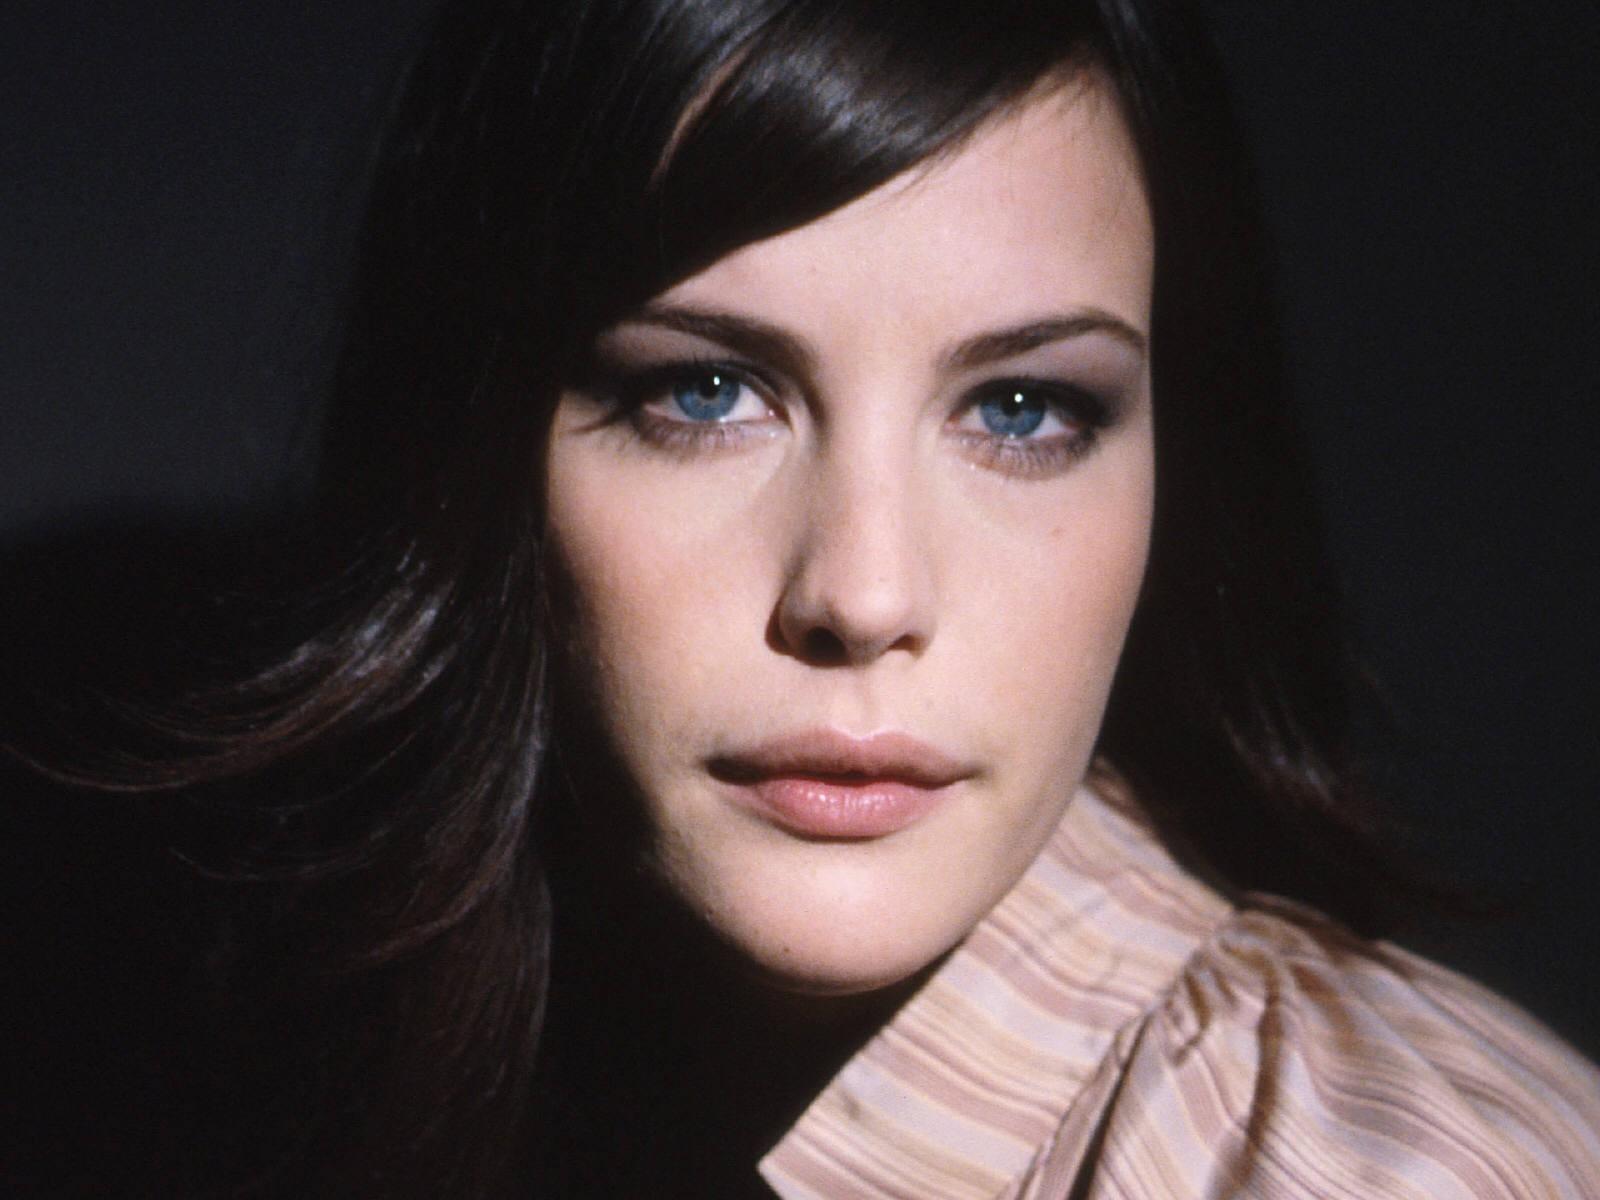 Wallpaper di Liv Tyler - l'attrice è nata il 1 luglio 1977, a New York sotto il segno del Cancro